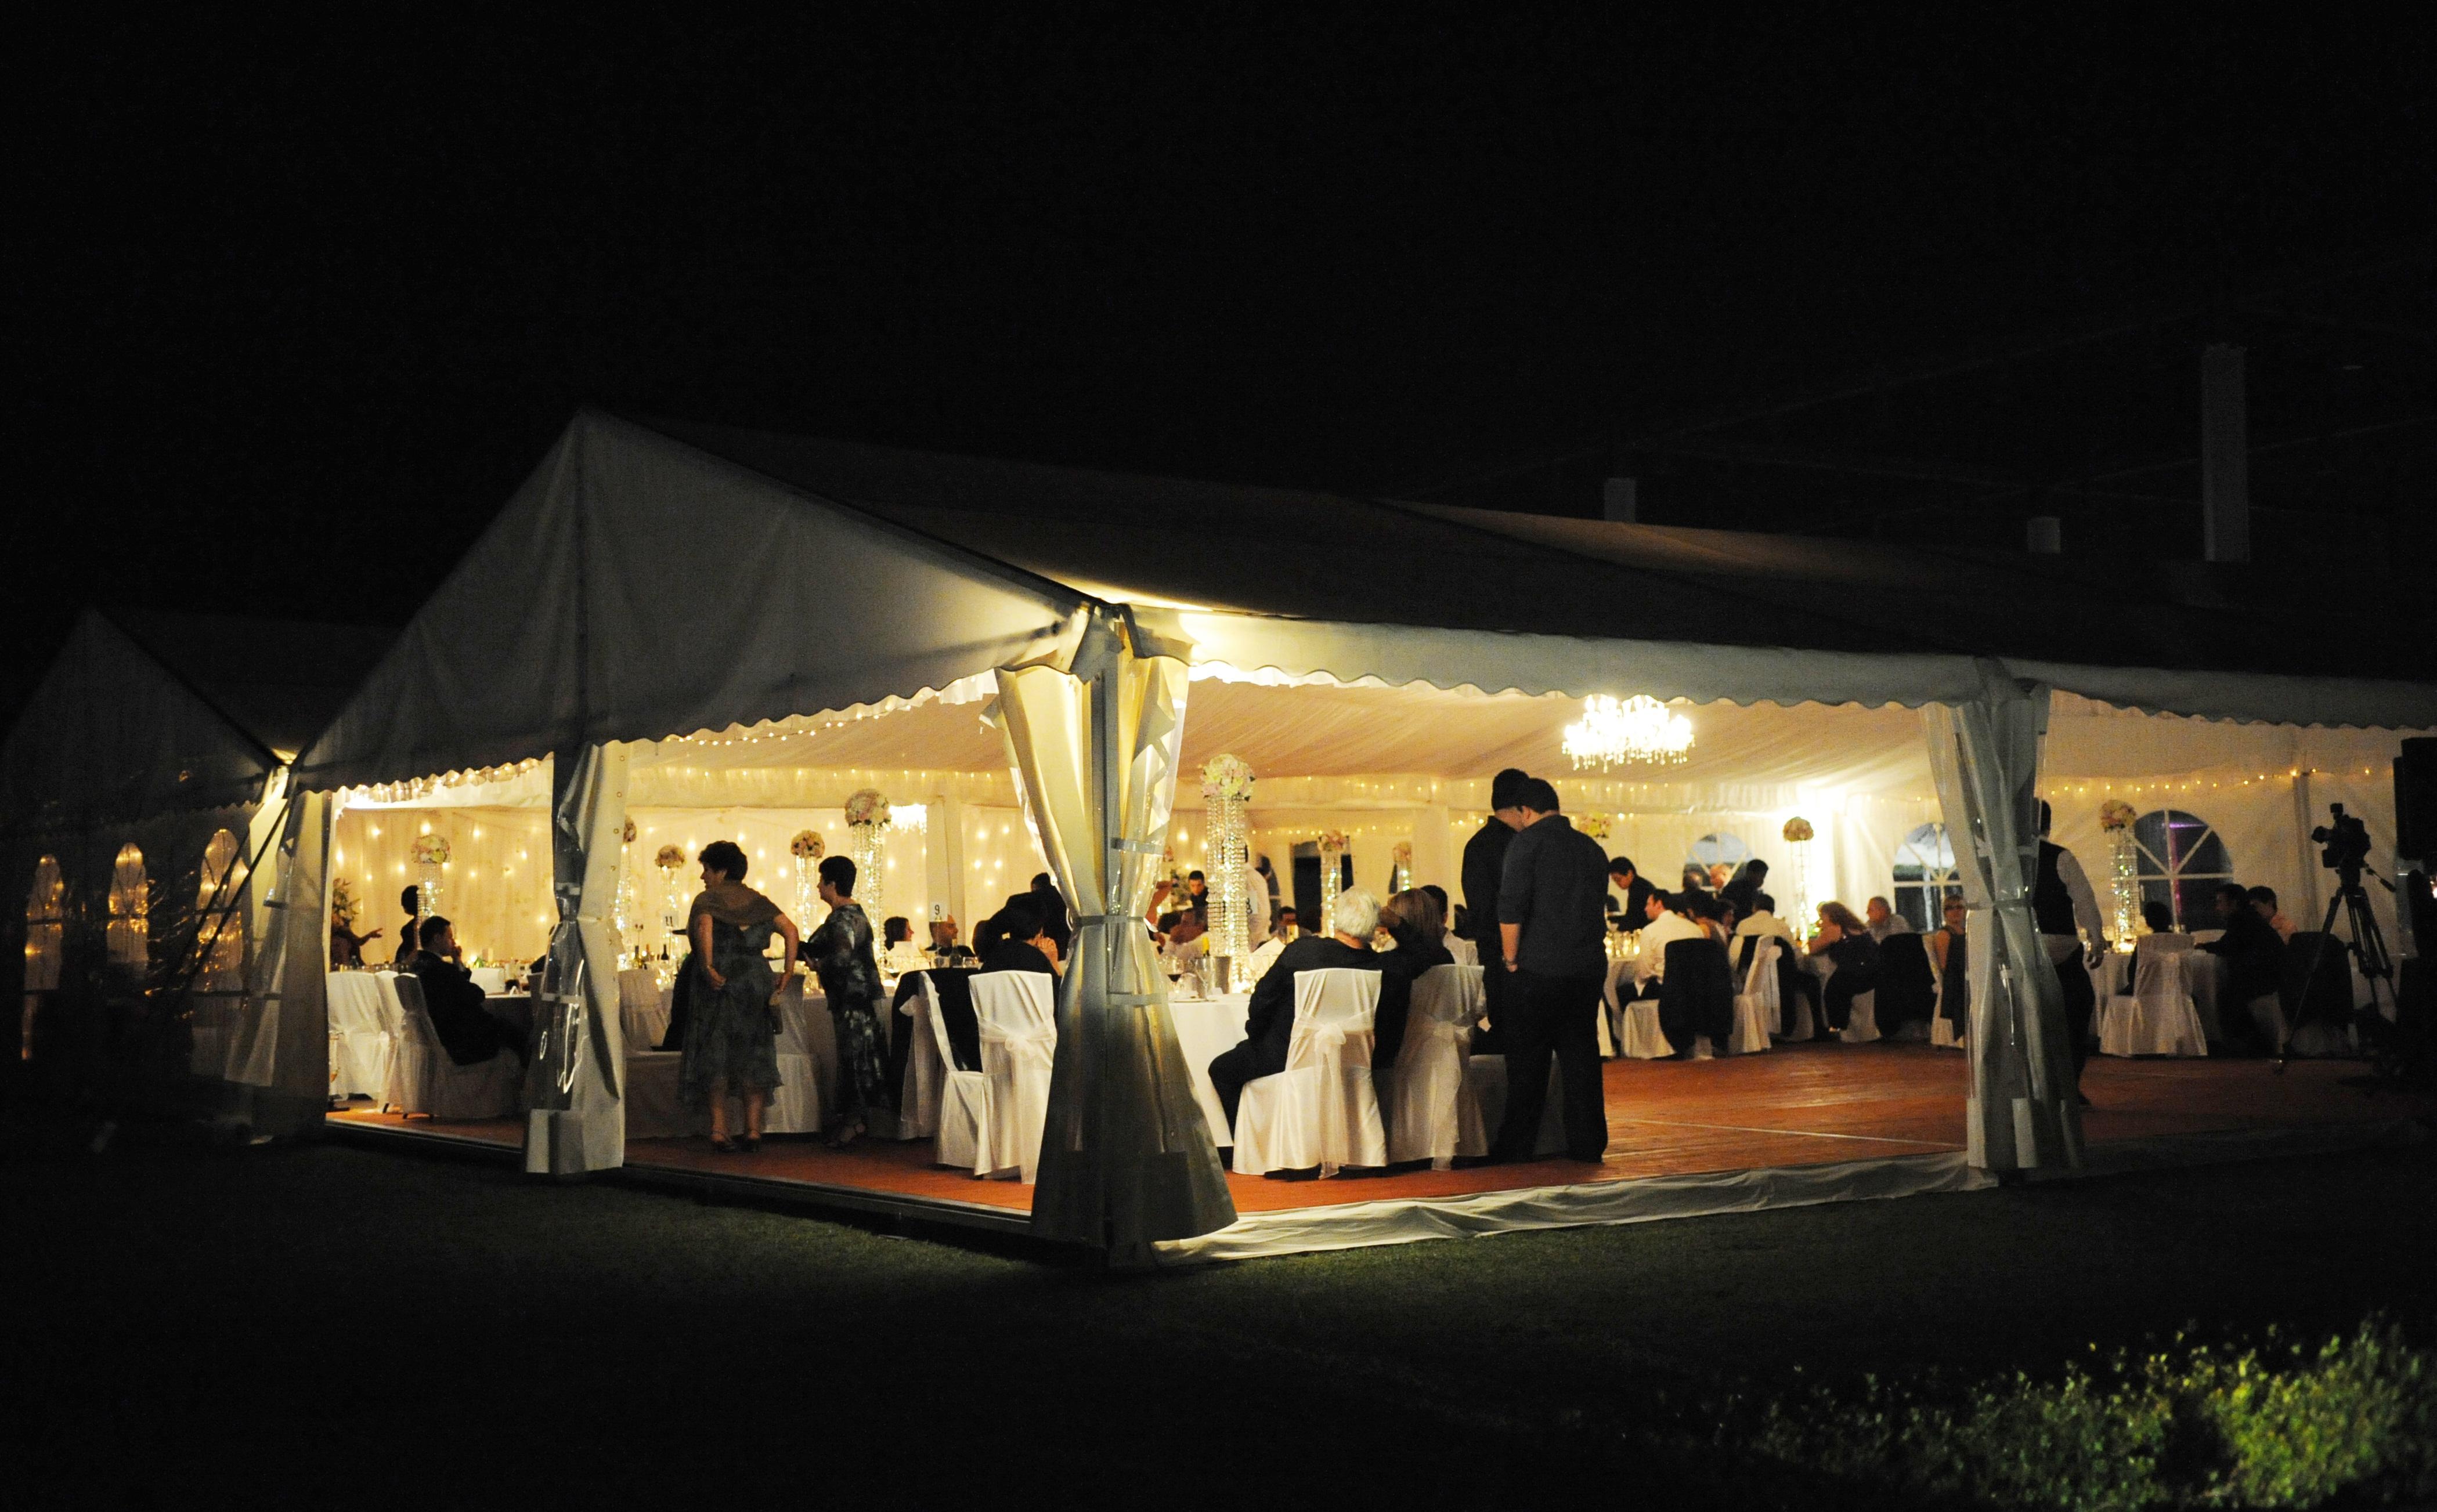 WEDDING RECEPTION MARQUEES & Wedding Marquee Hire | Sydney Gold Coast Brisbane u0026 Canberra